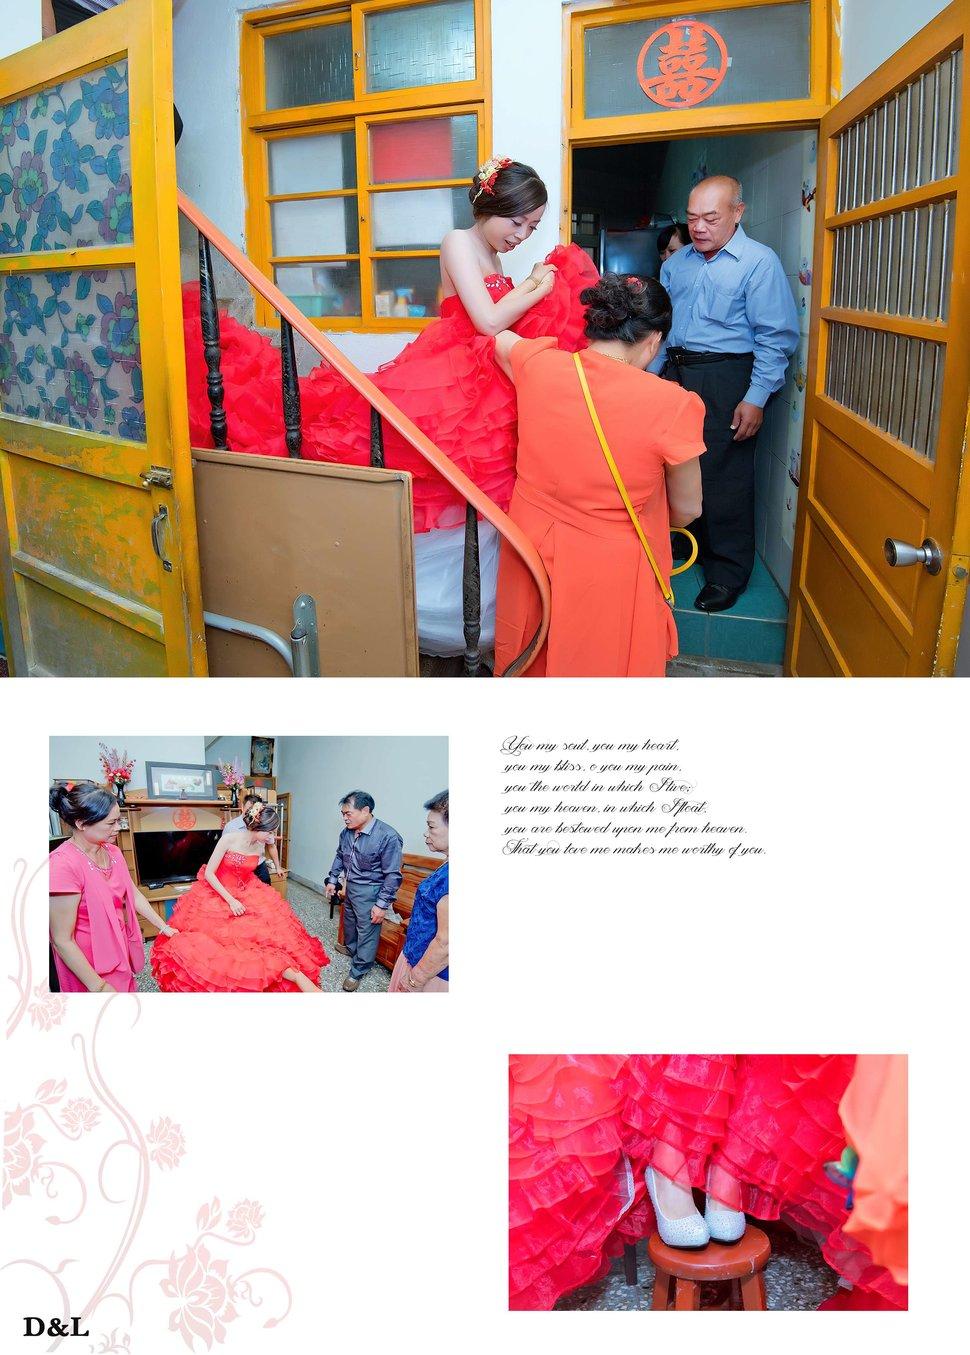 婚禮記錄 維信&佩君(編號:374386) - D&L 婚禮事務-婚紗攝影/婚禮記錄 - 結婚吧一站式婚禮服務平台